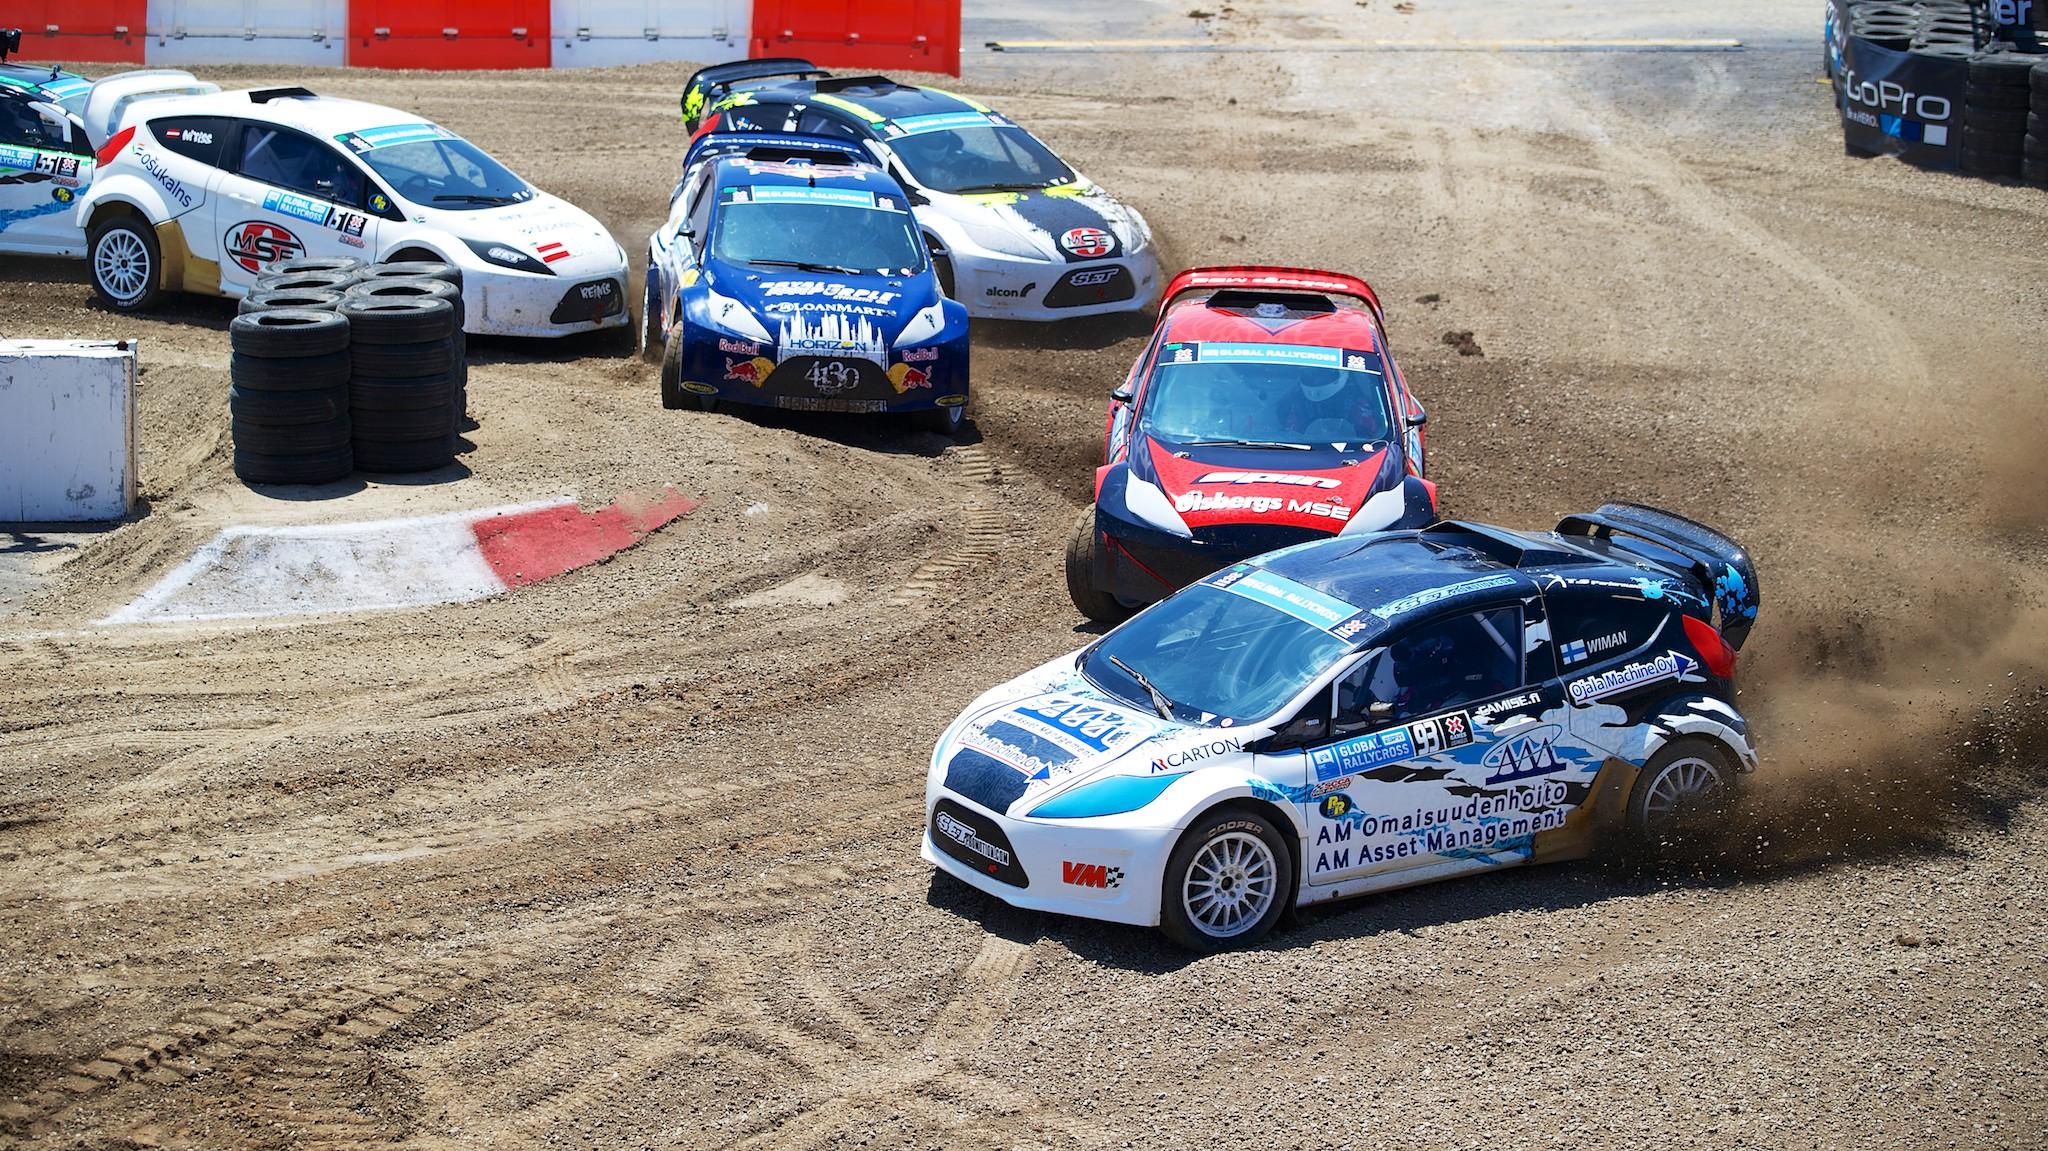 Joni Wiman, RallyCross